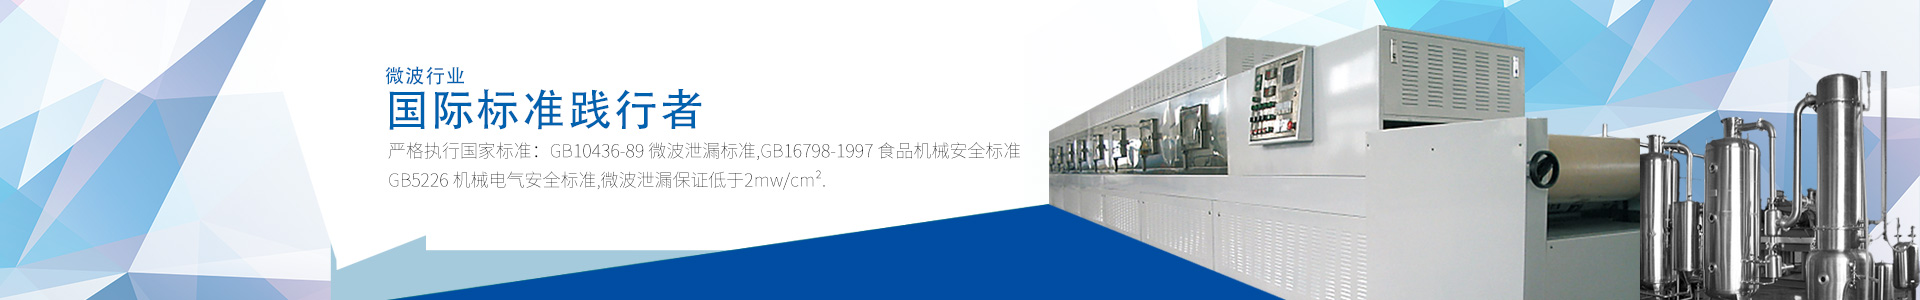 微波设备行业国际标准践行者-云顶集团4118.com